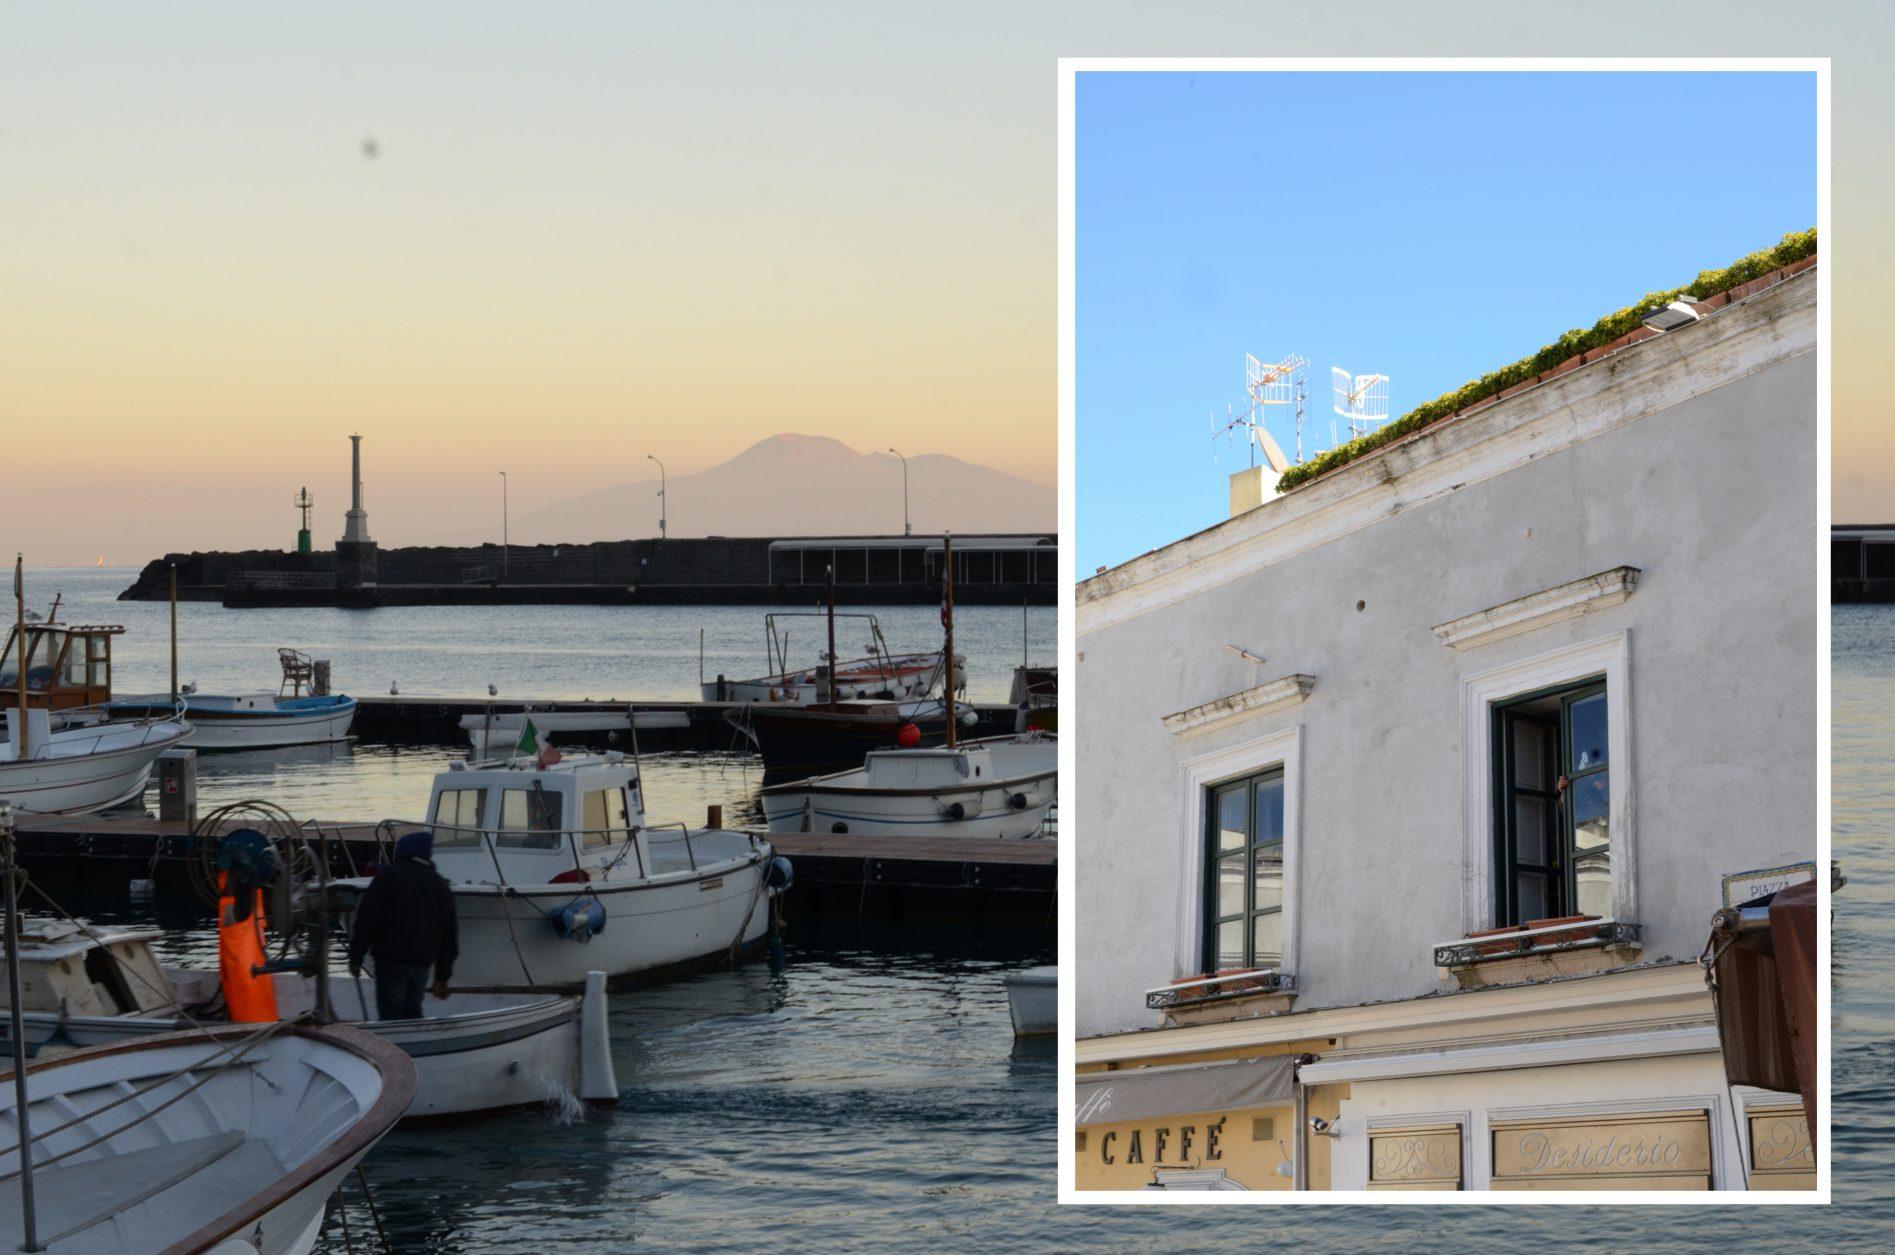 naples_port_capri1_DSC_2925